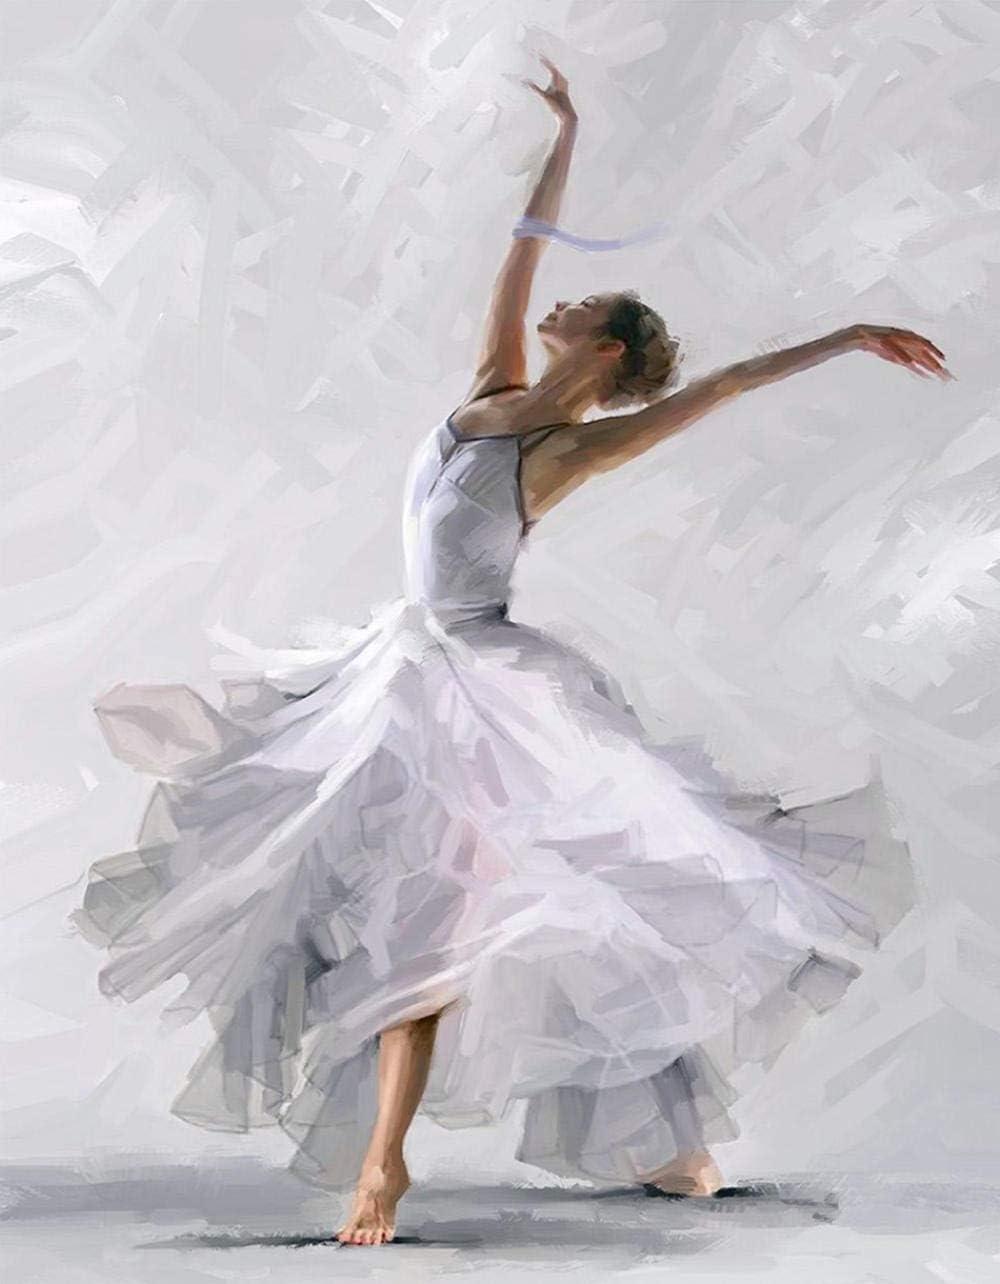 VIKMARI Pittura con i Numeri Kit per Adulti con Cornice Pittura Fai da Te con i Numeri Ballerino di Danza Classica Pittura a Olio Fai da Te Pittura con Cornice 16x20 Pollici